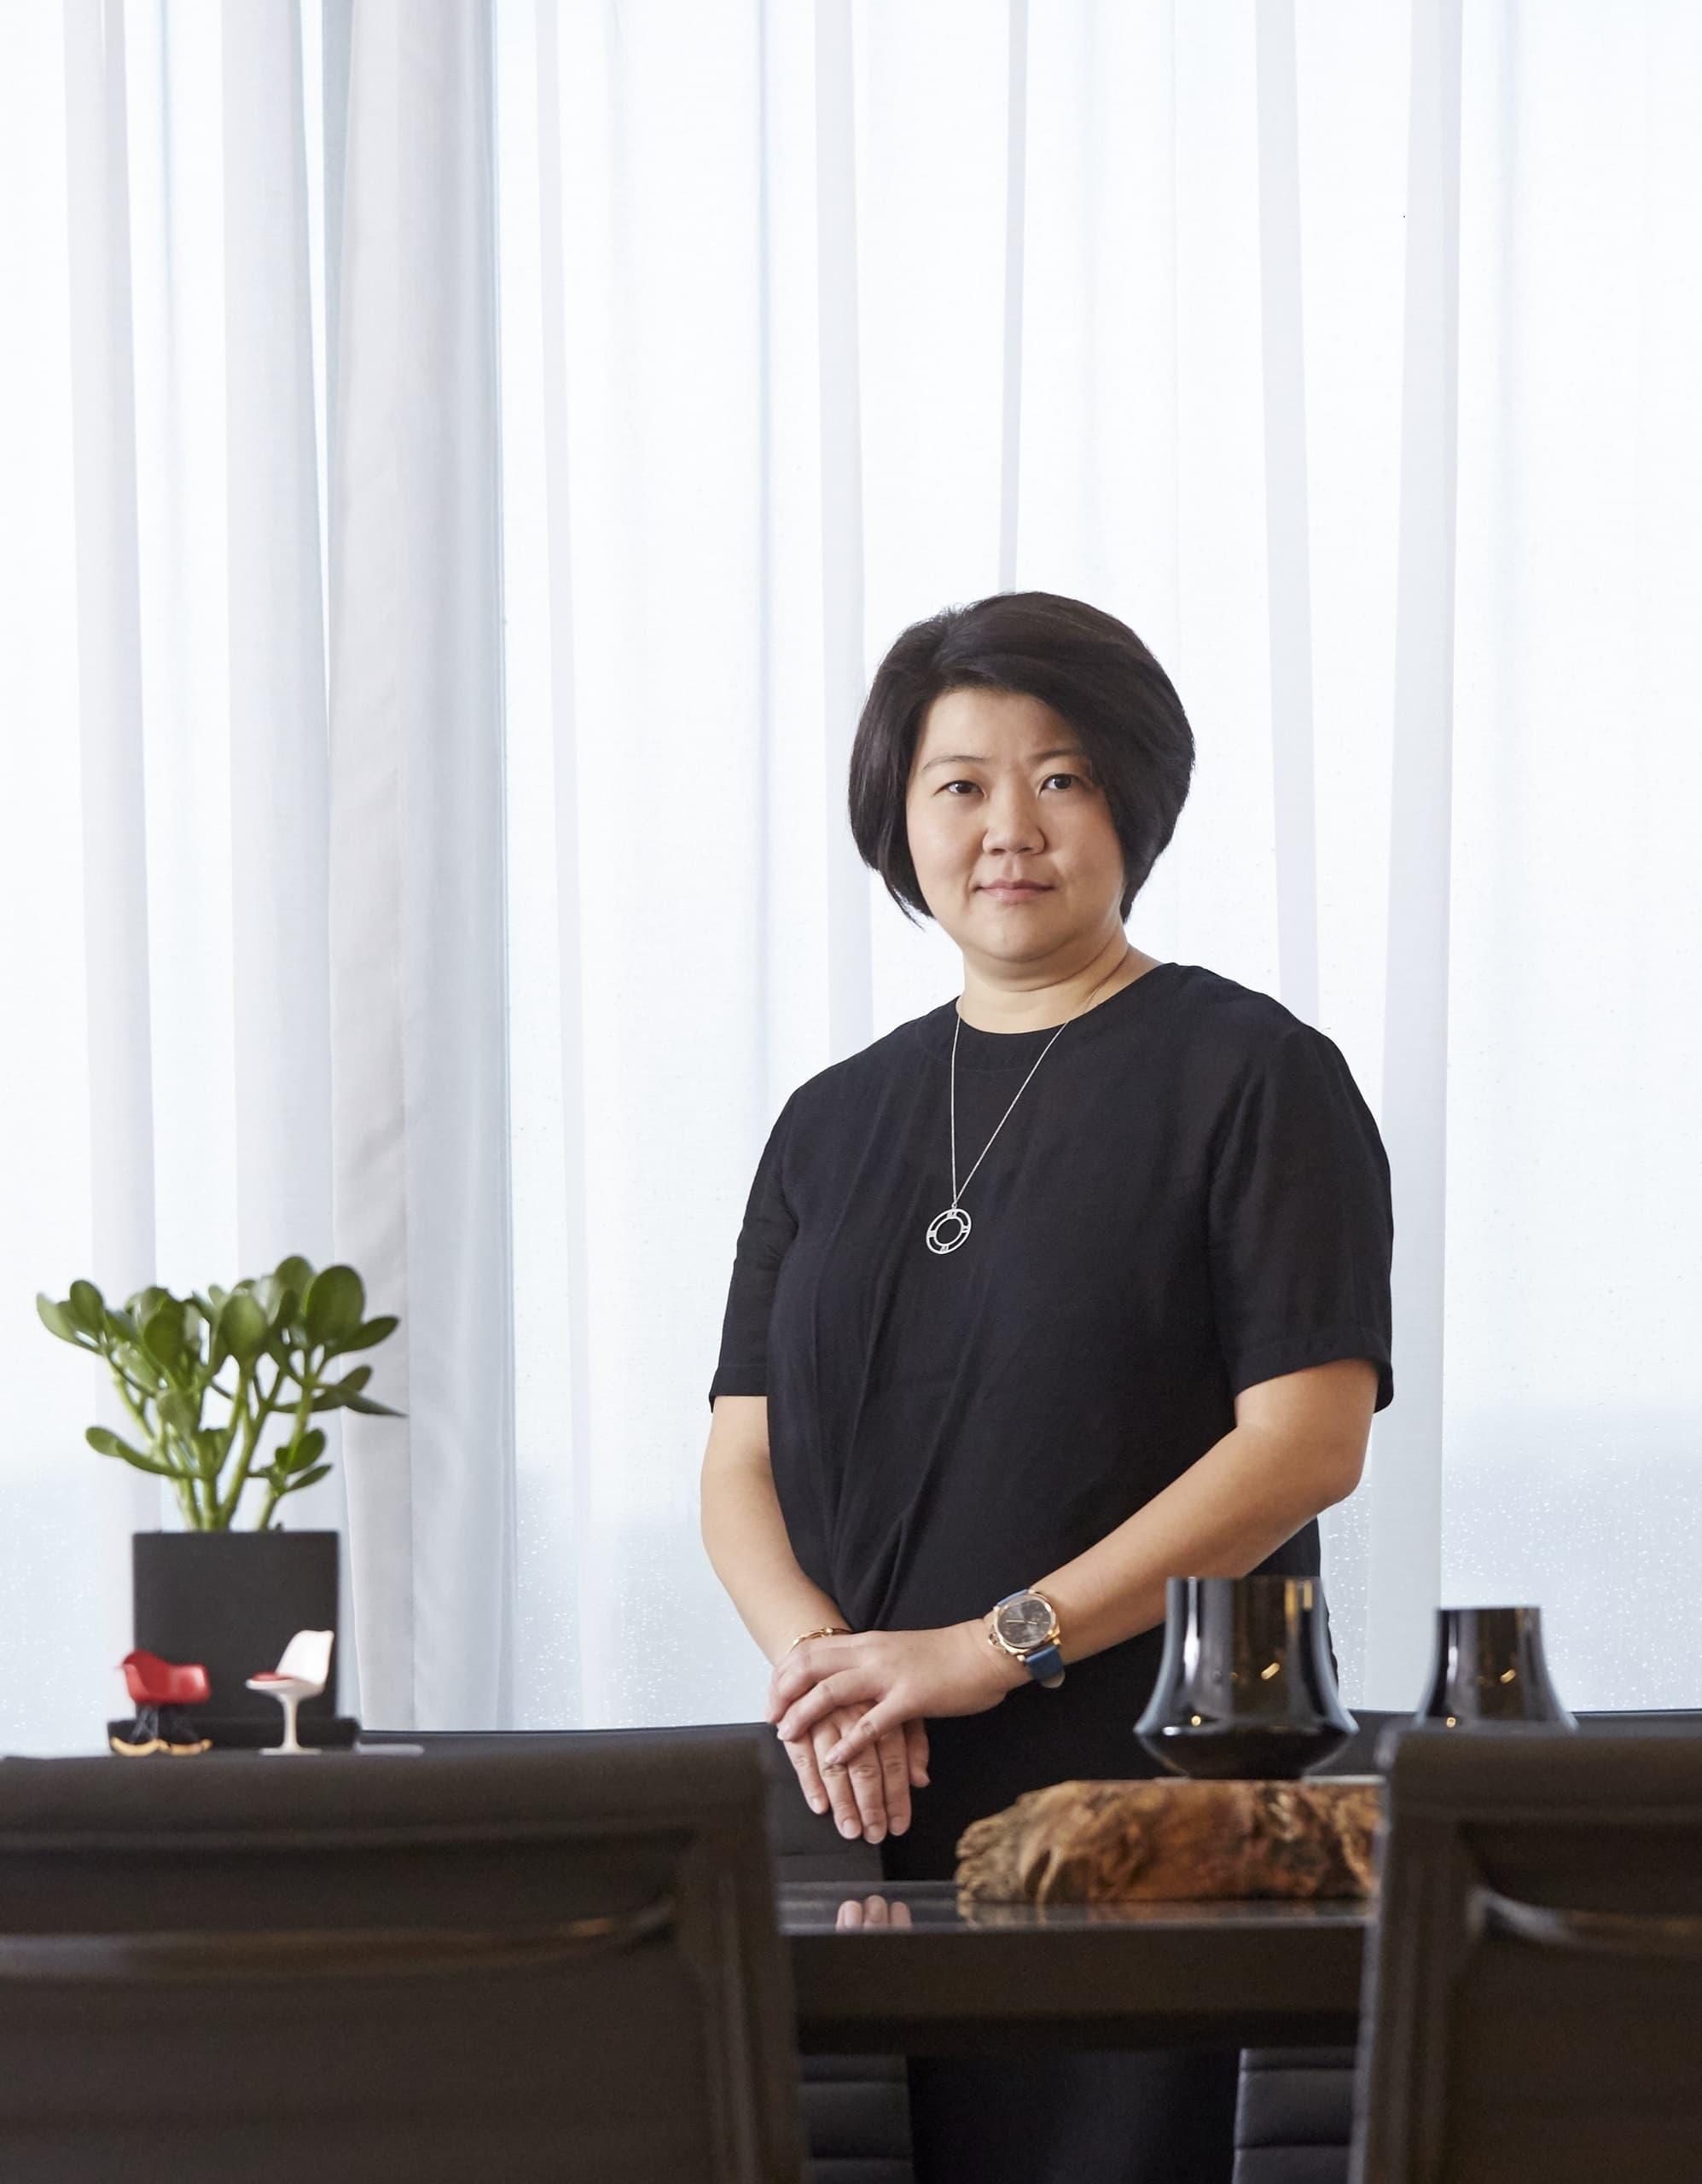 Ms. Weili Phua